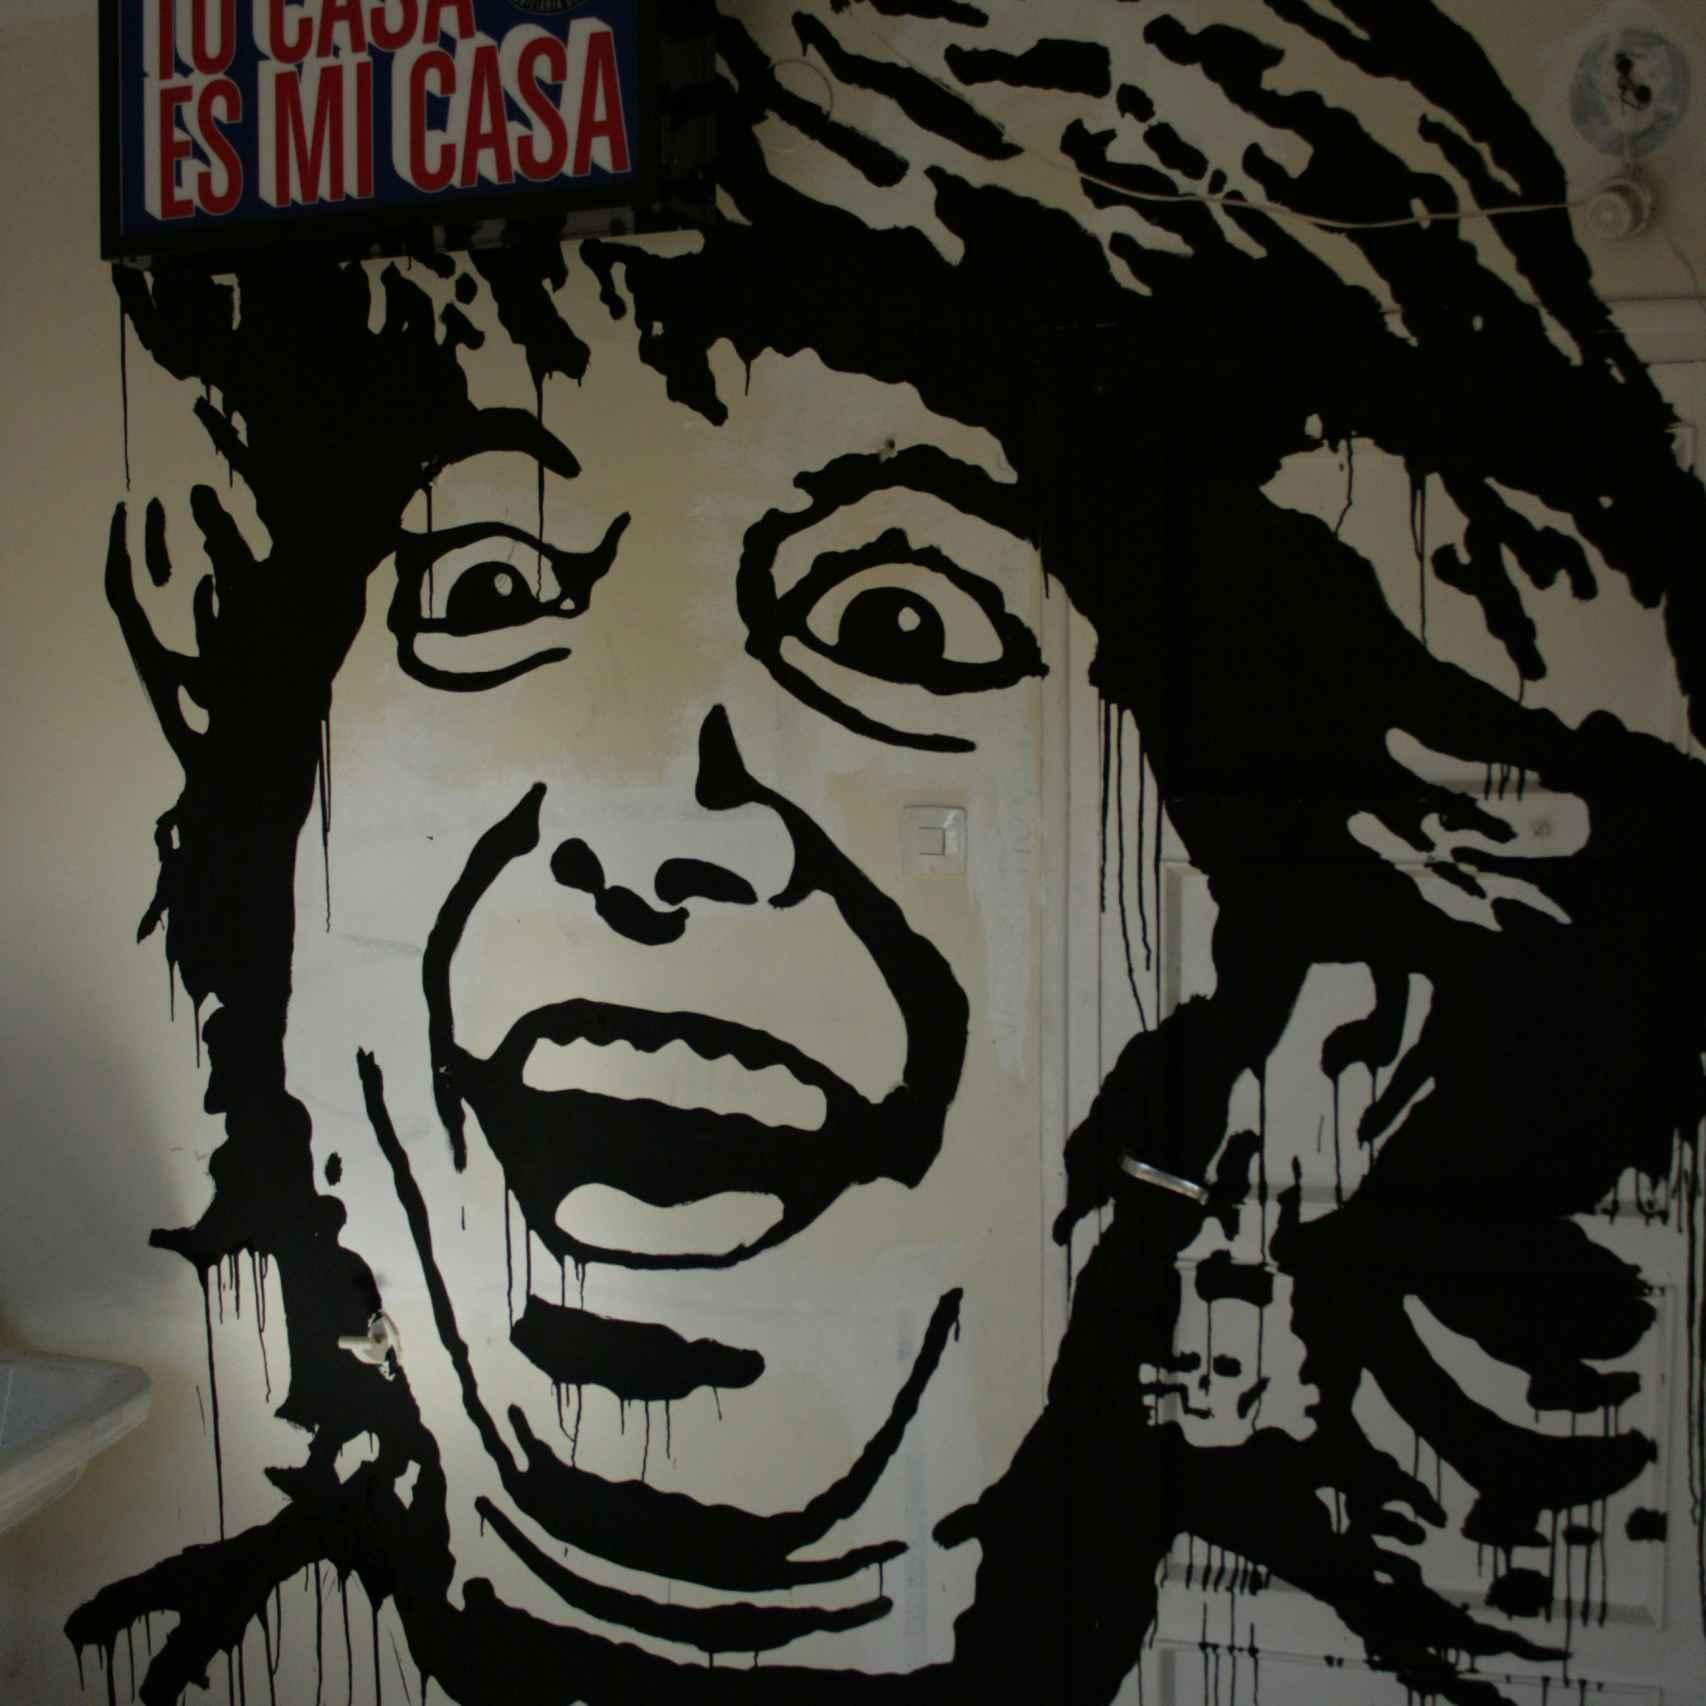 Esperanza Aguirre en 'Tu casa es mi casa', por Noaz.